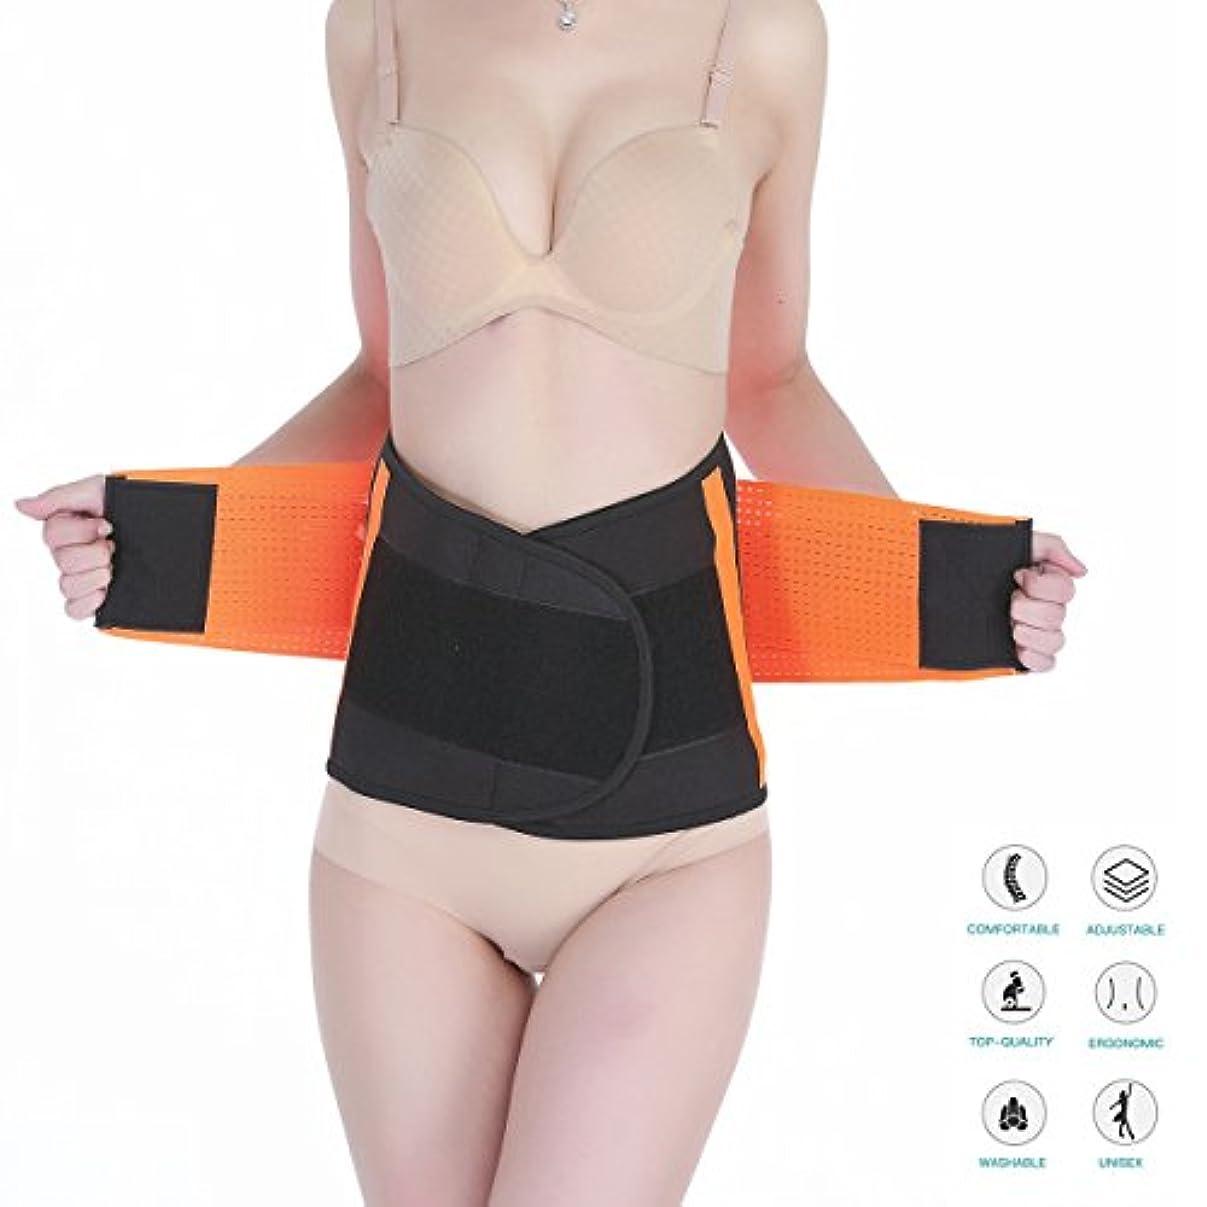 平日才能オーク腰サポーター 腰痛コルセット 骨盤矯正ベルト 温熱サポーター 脂肪燃焼 姿勢矯正